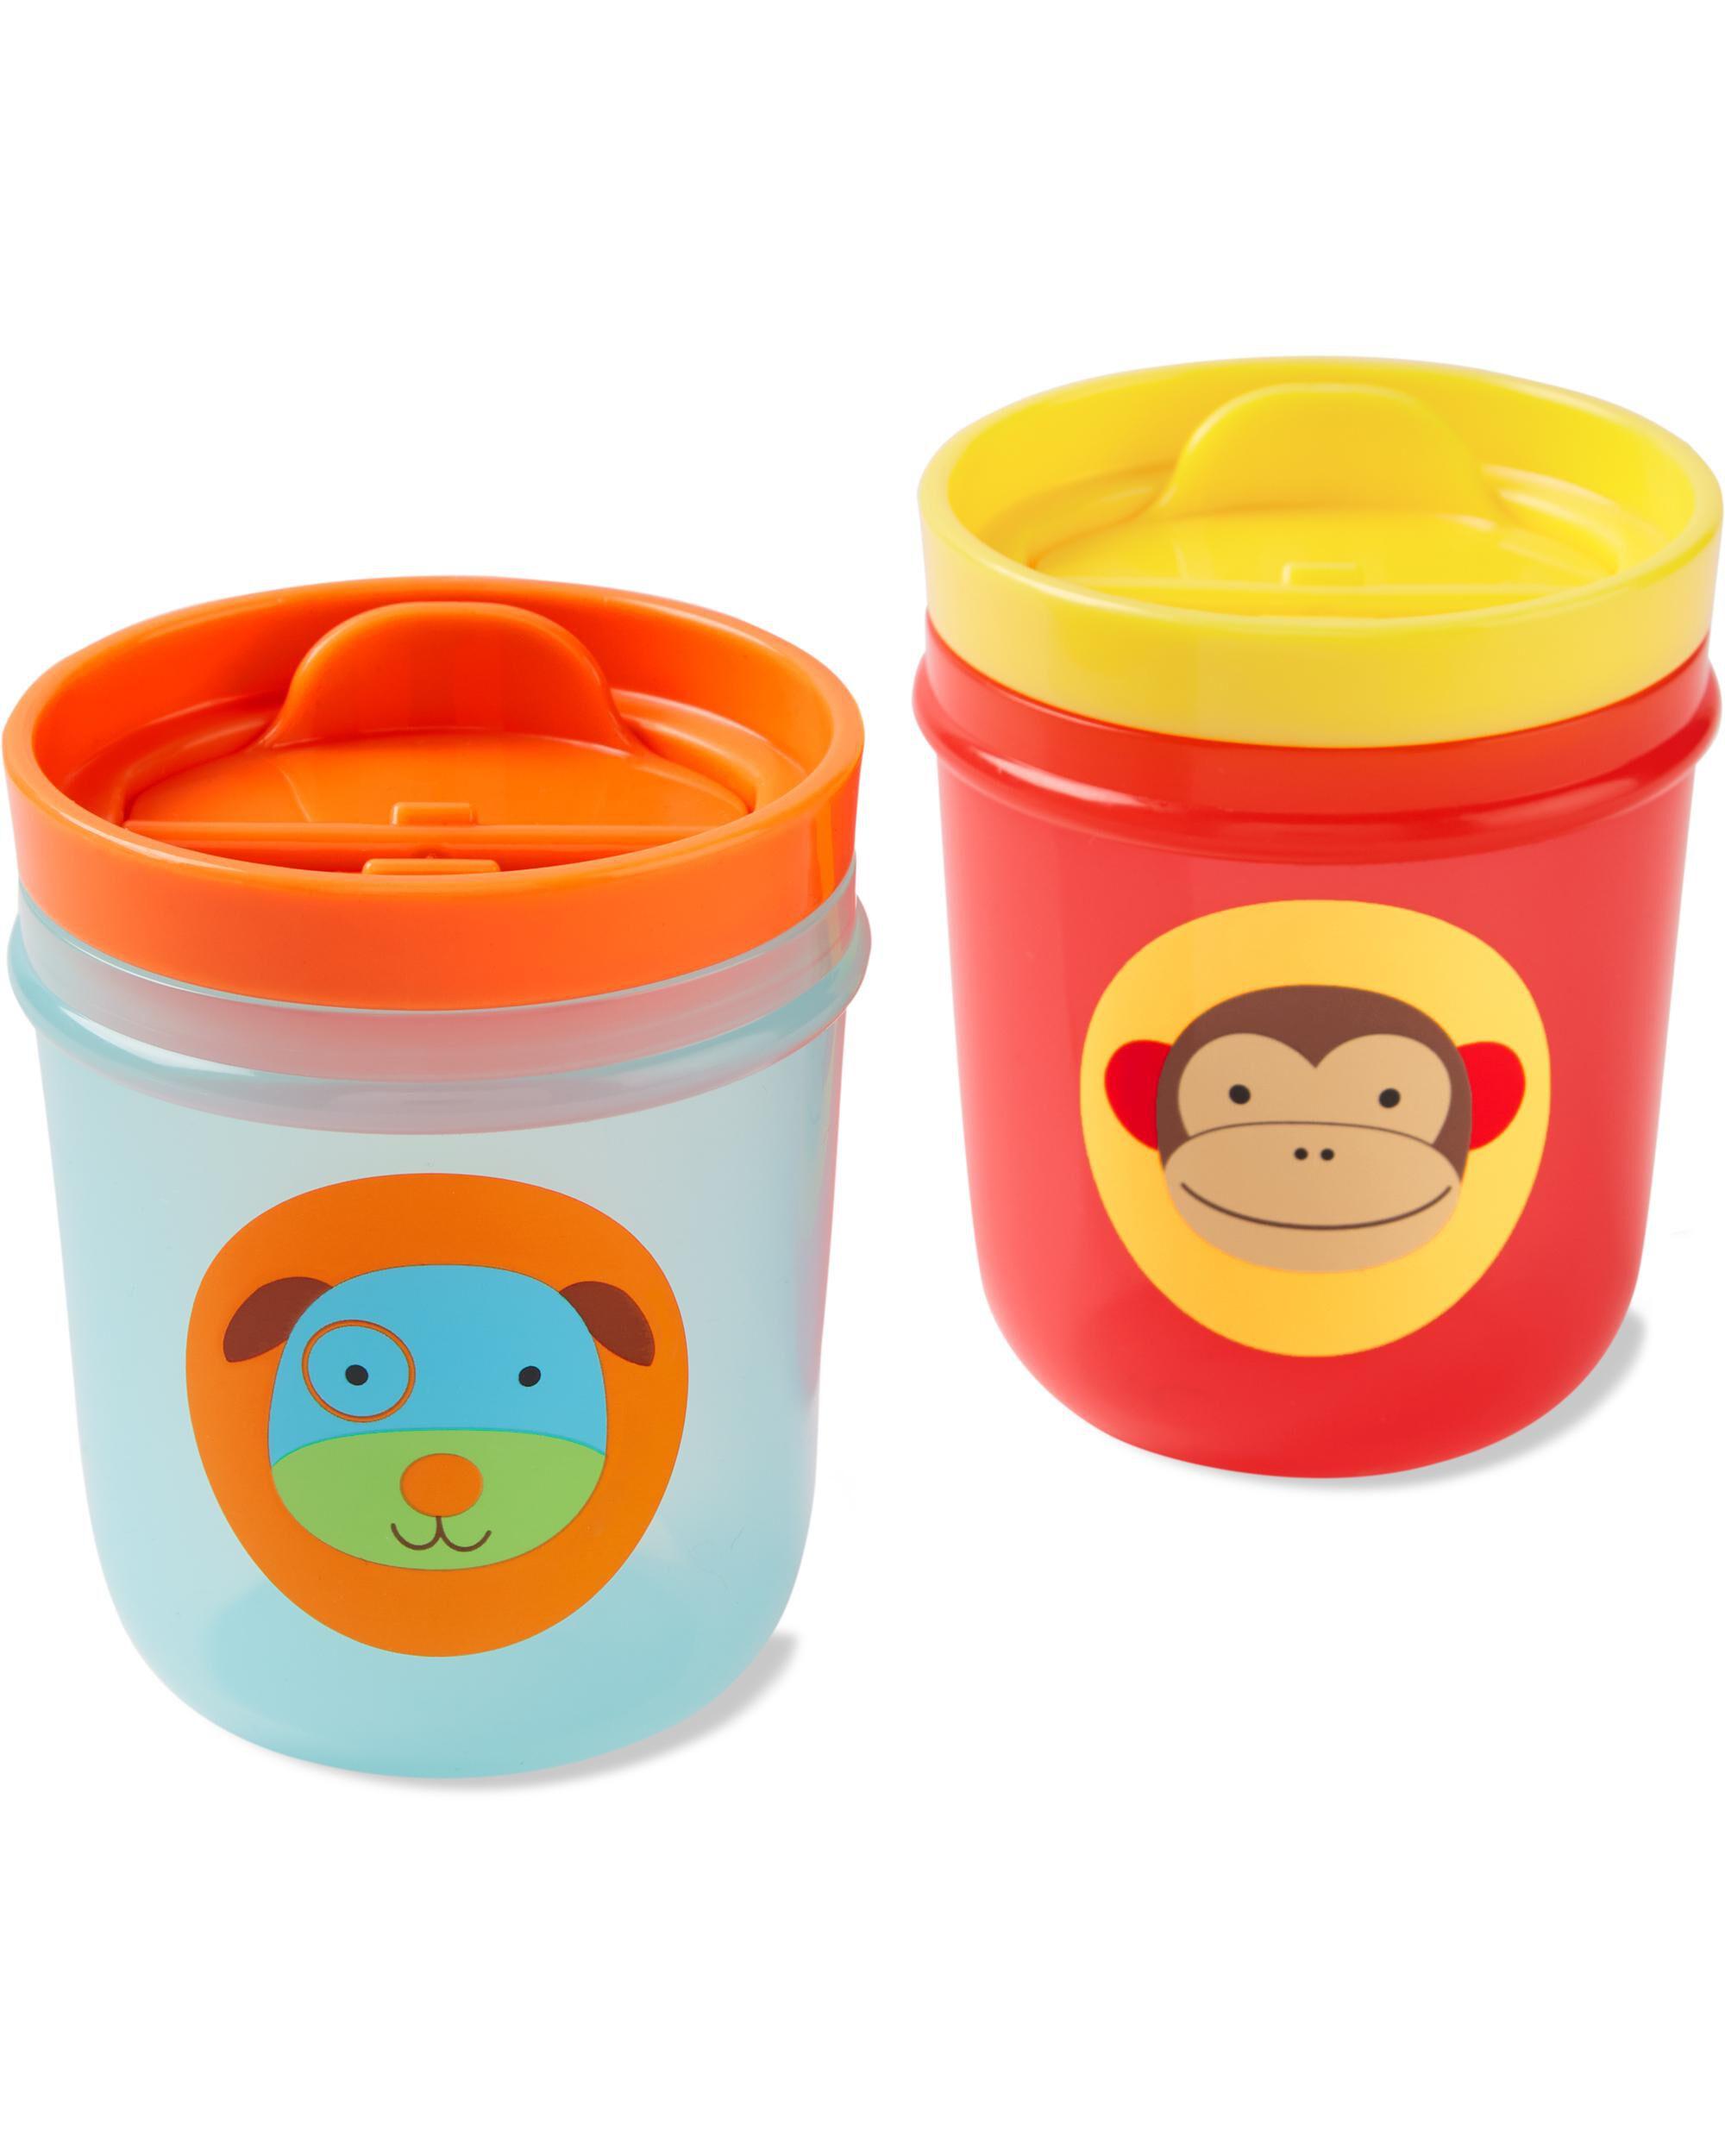 Zoo Tumbler Cups